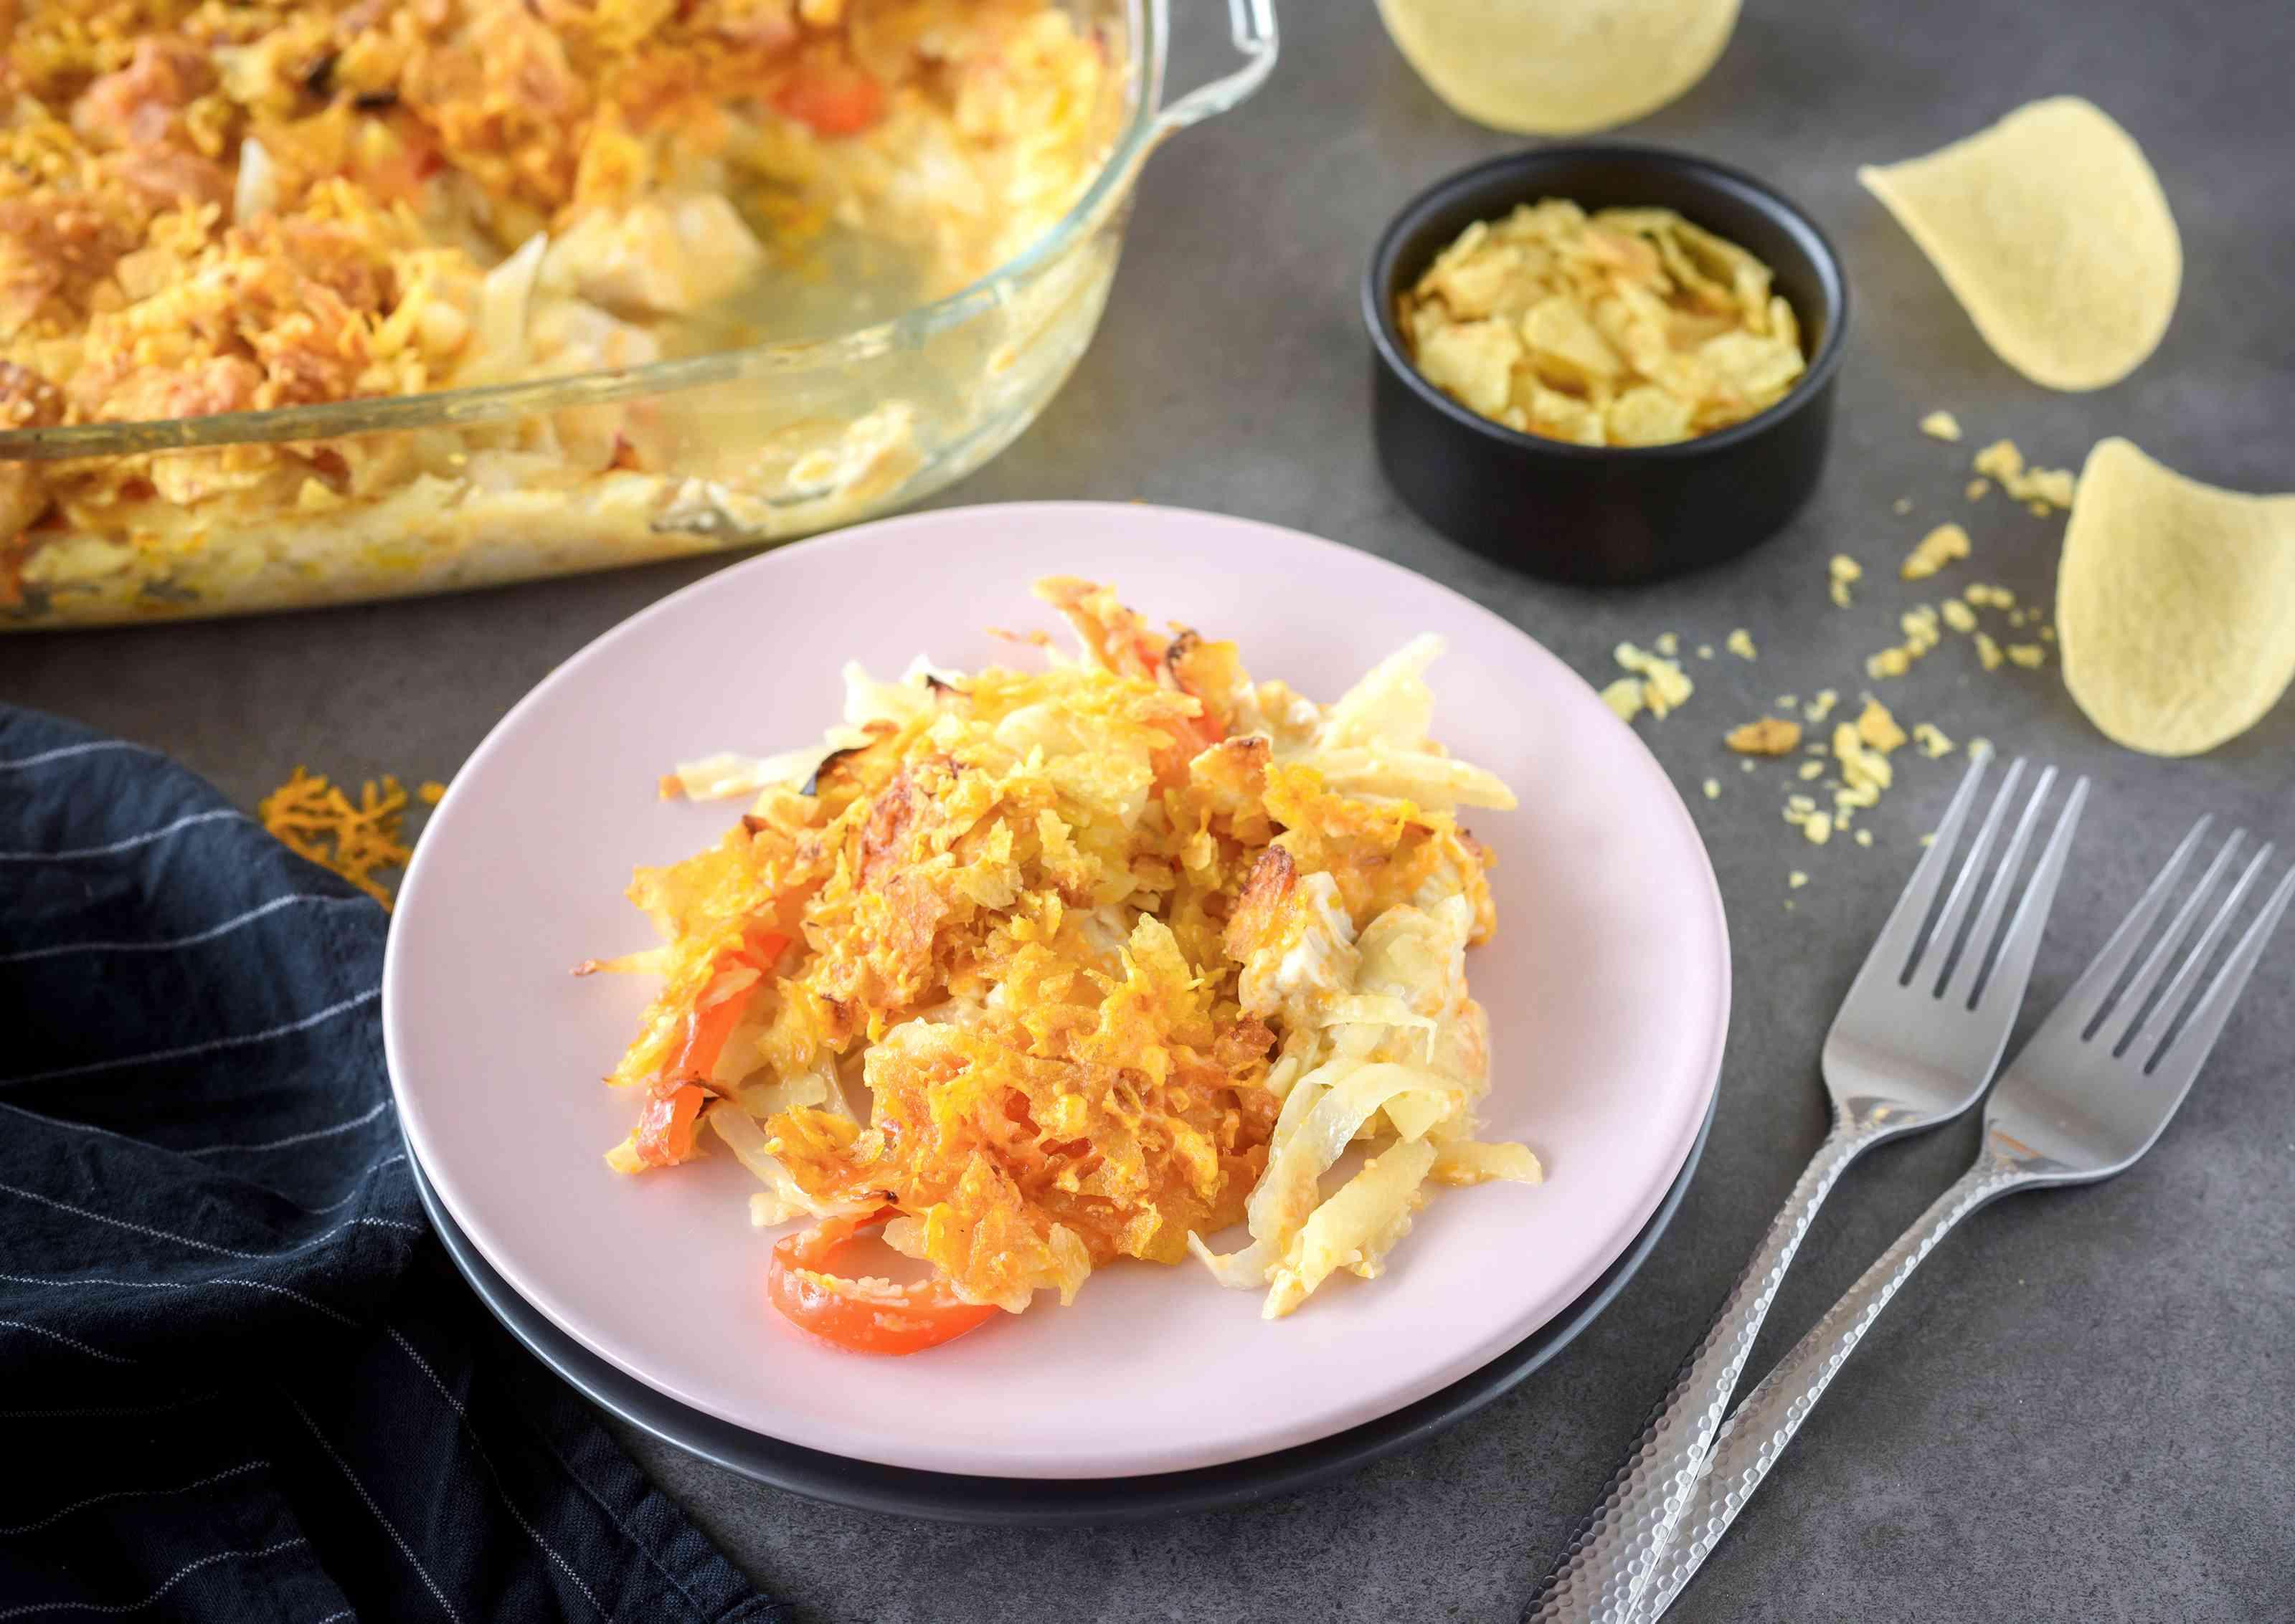 Chicken potato casserole recipe